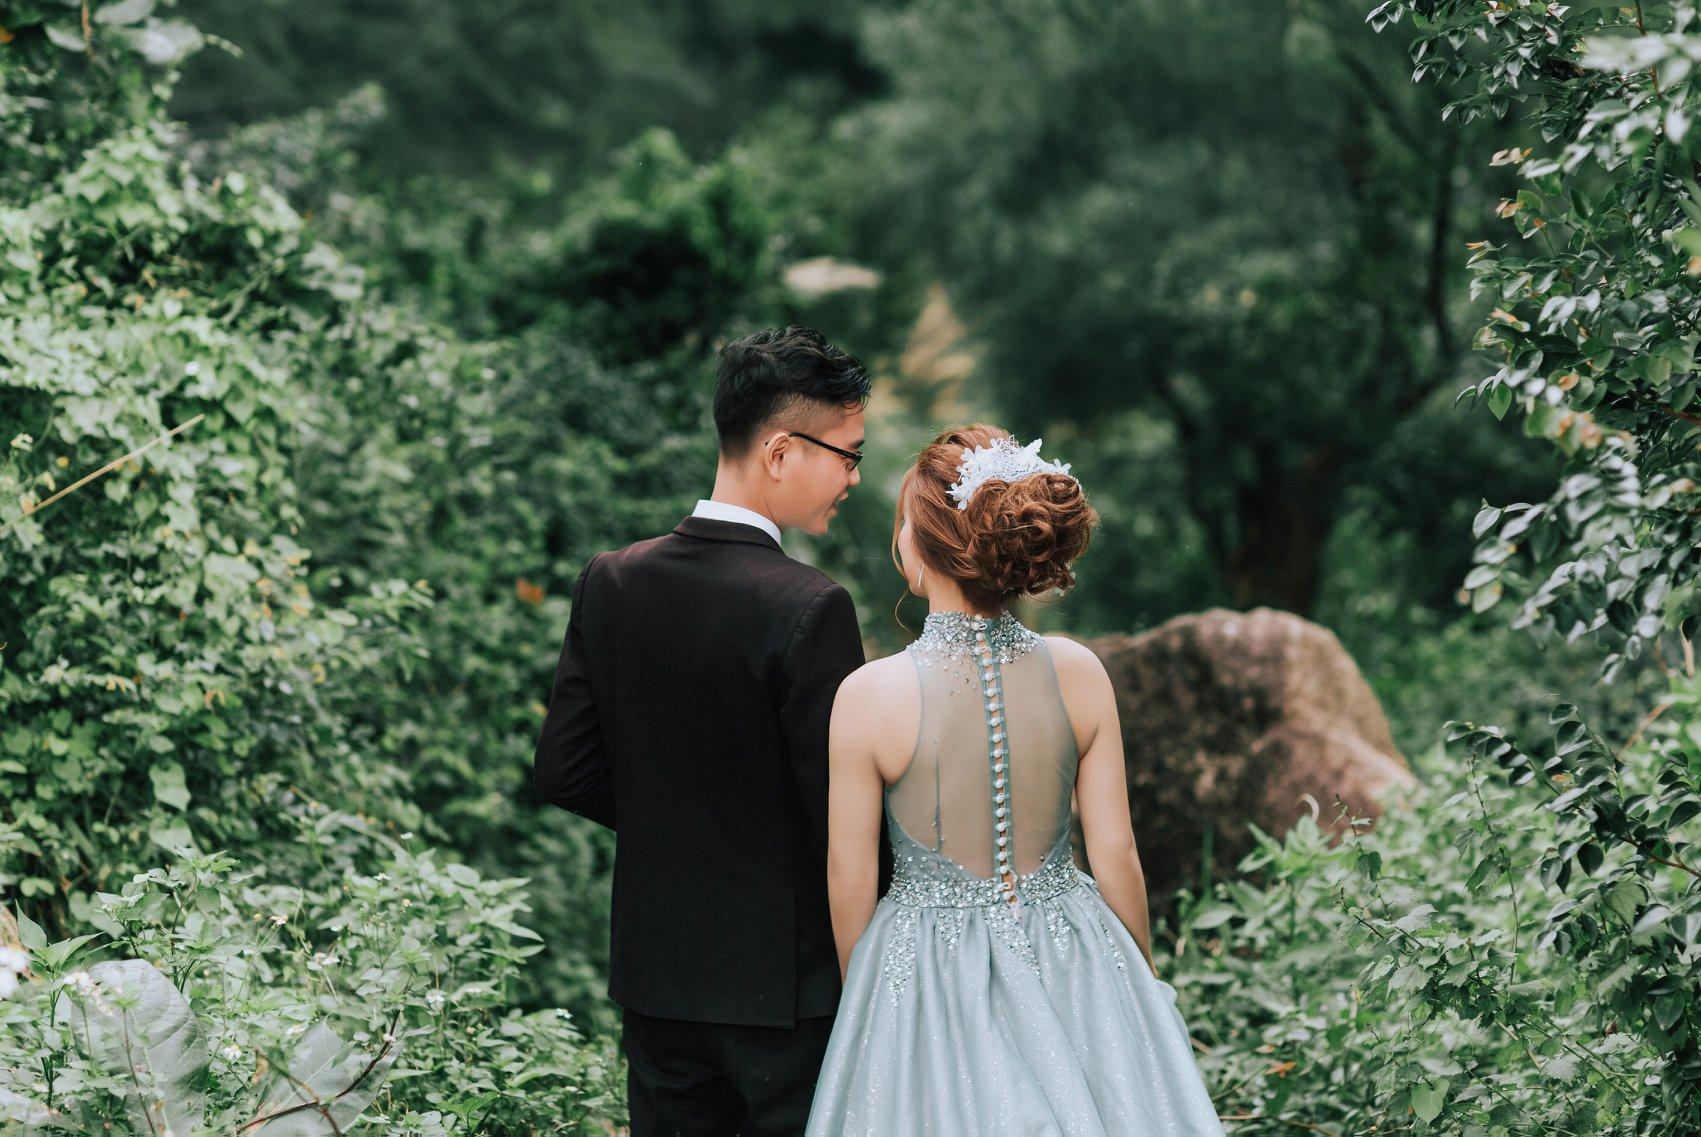 ảnh cưới hồ xanh thơ mộng